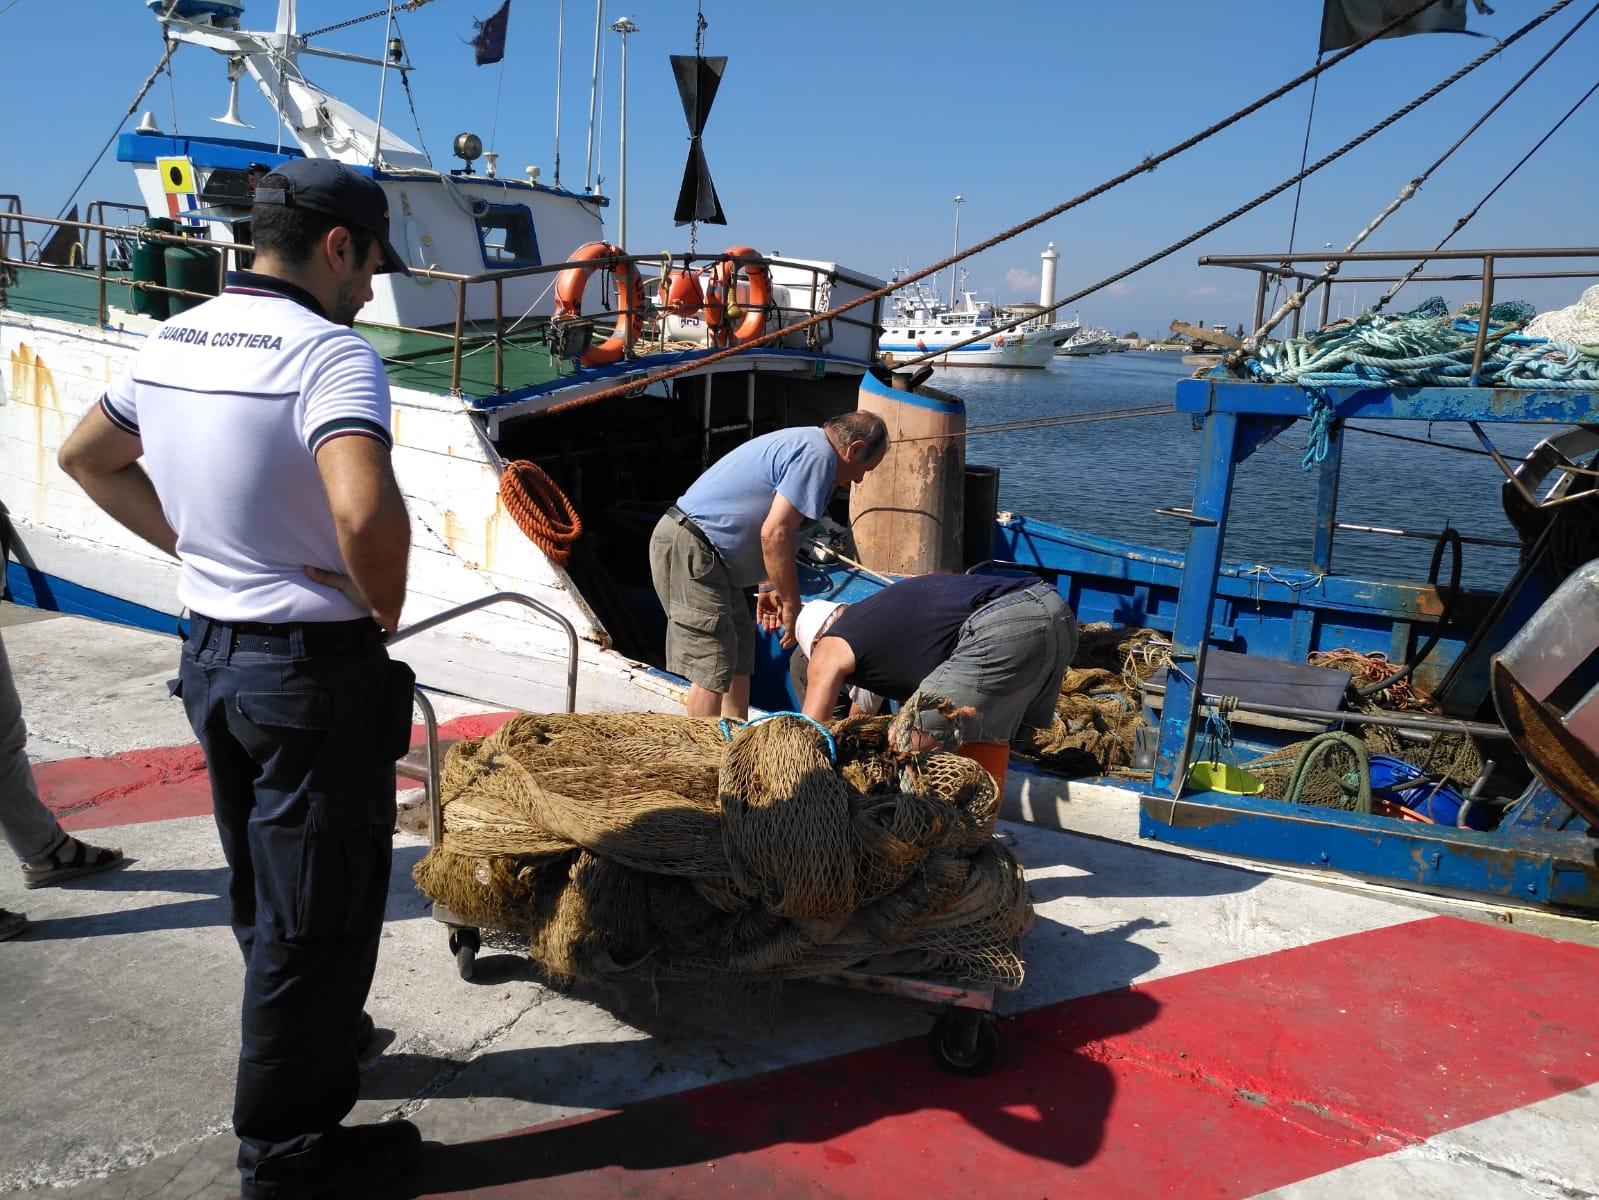 Guardia Costiera di Viareggio, controlli sulle attività di pesca: sequestri e sanzioni